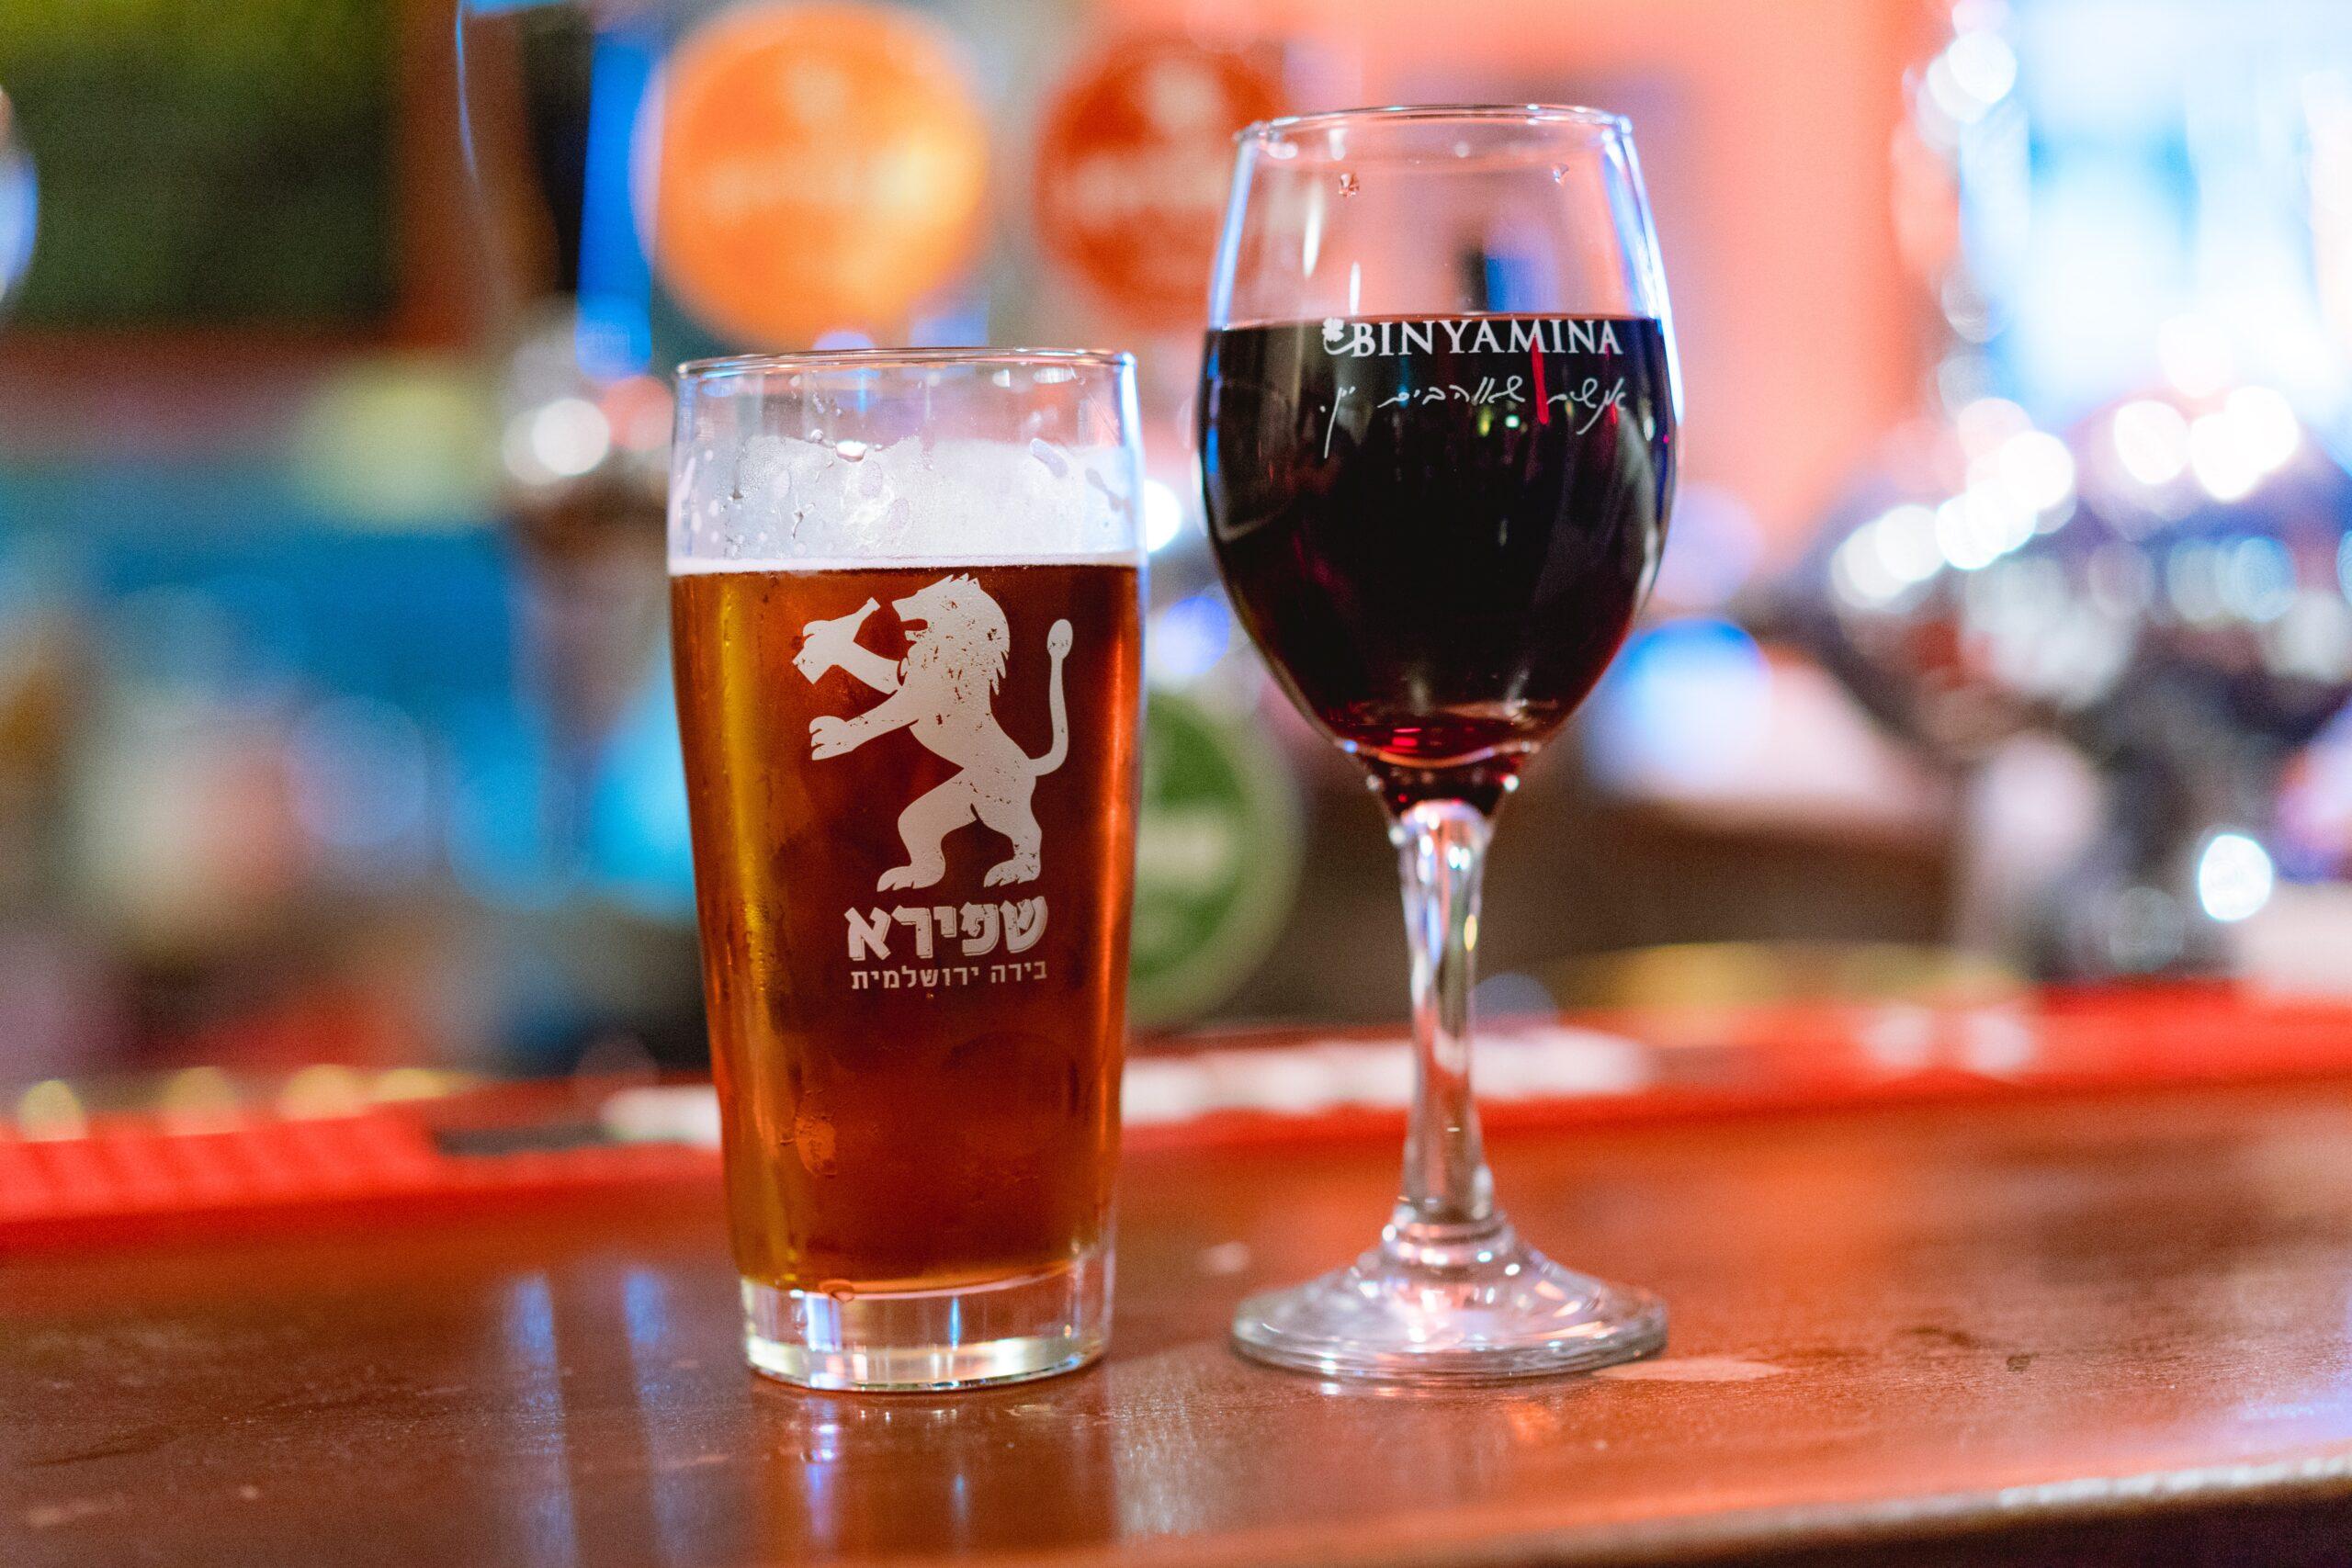 ビールかワイン、ワインを飲むべき?